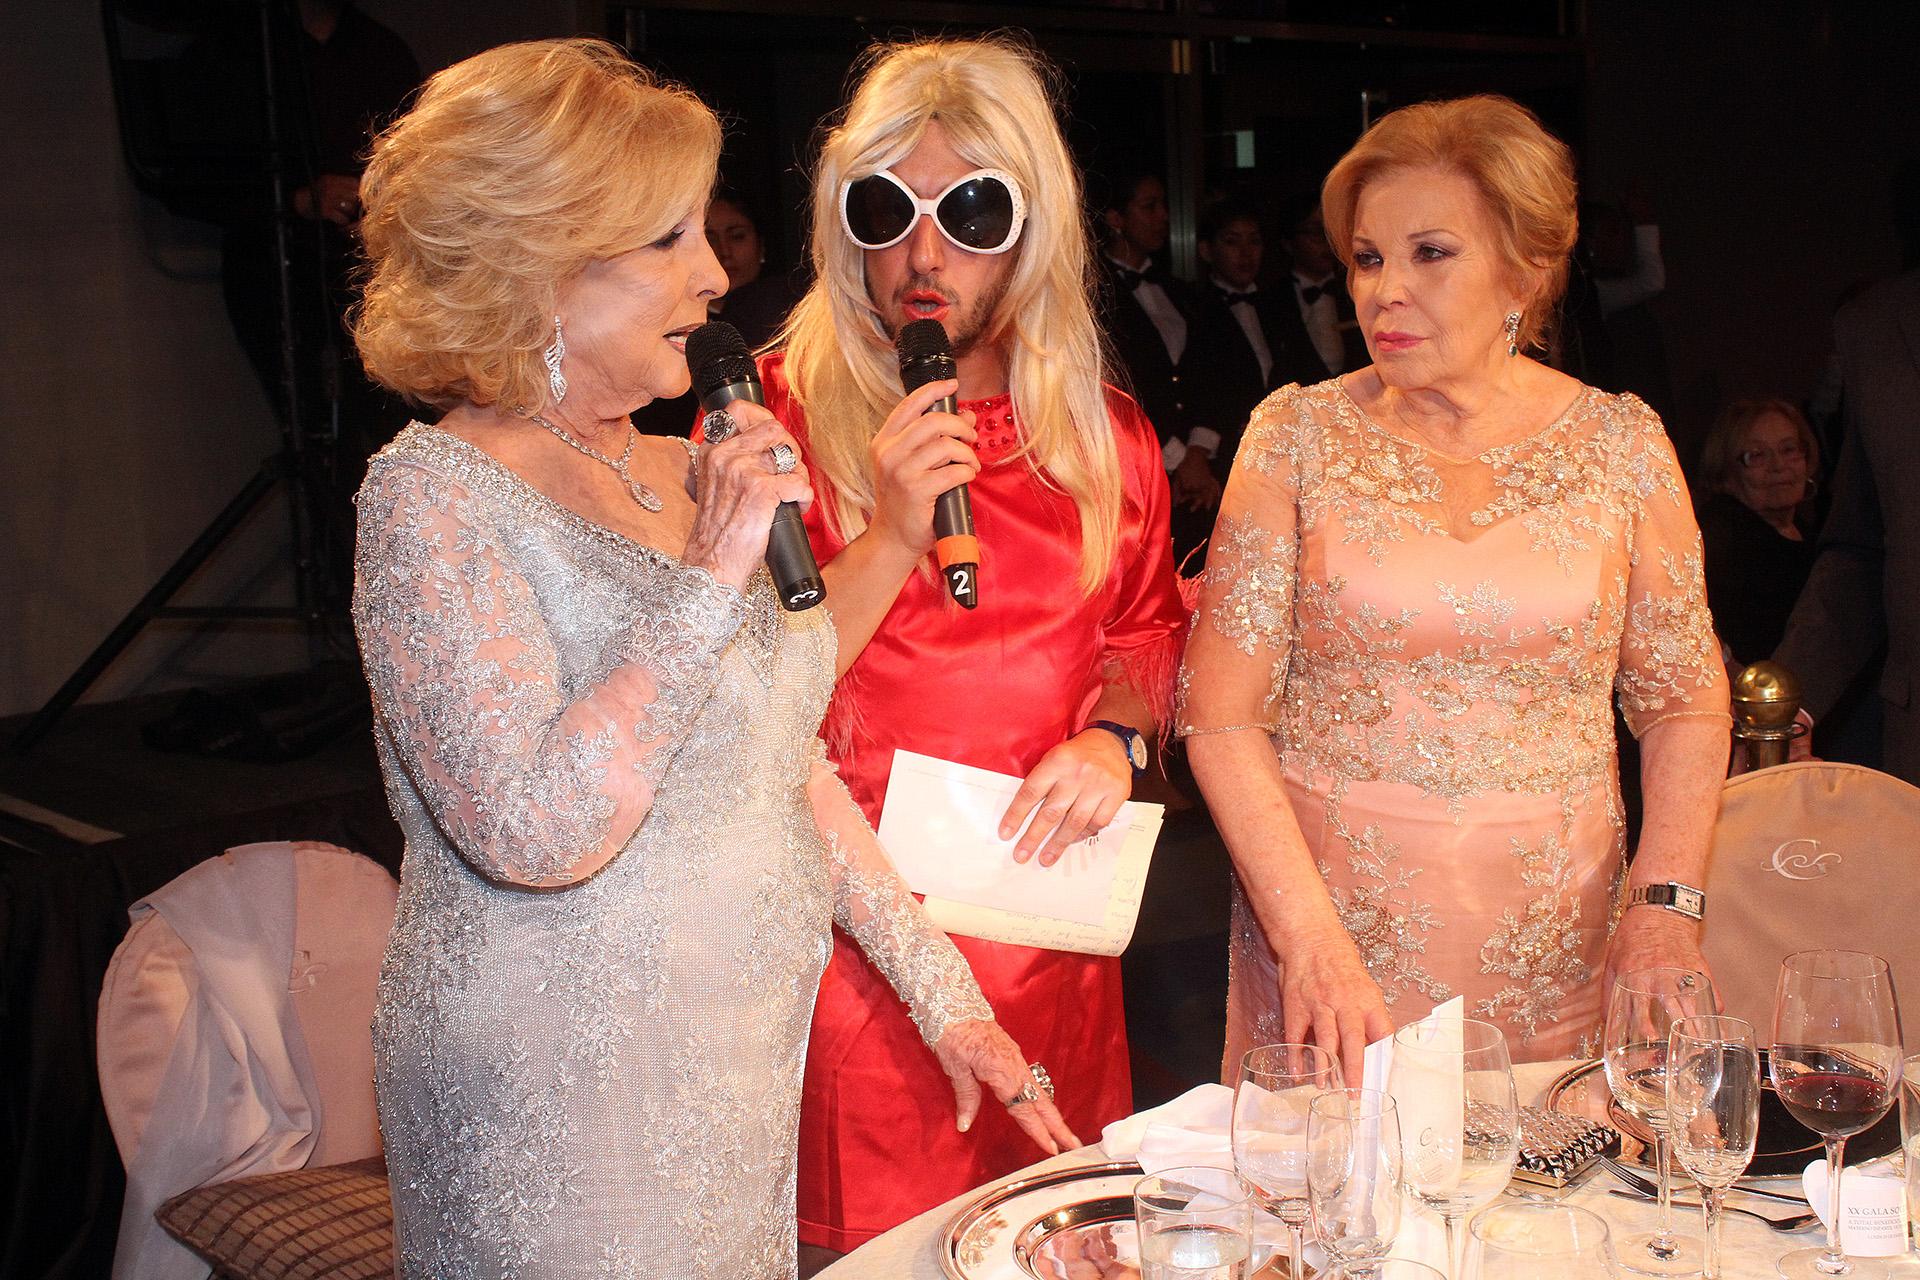 Chiquita y María del Carmen Álvarez Argüelles junto con el personaje de Estelita, interpretado por Jey Mammon